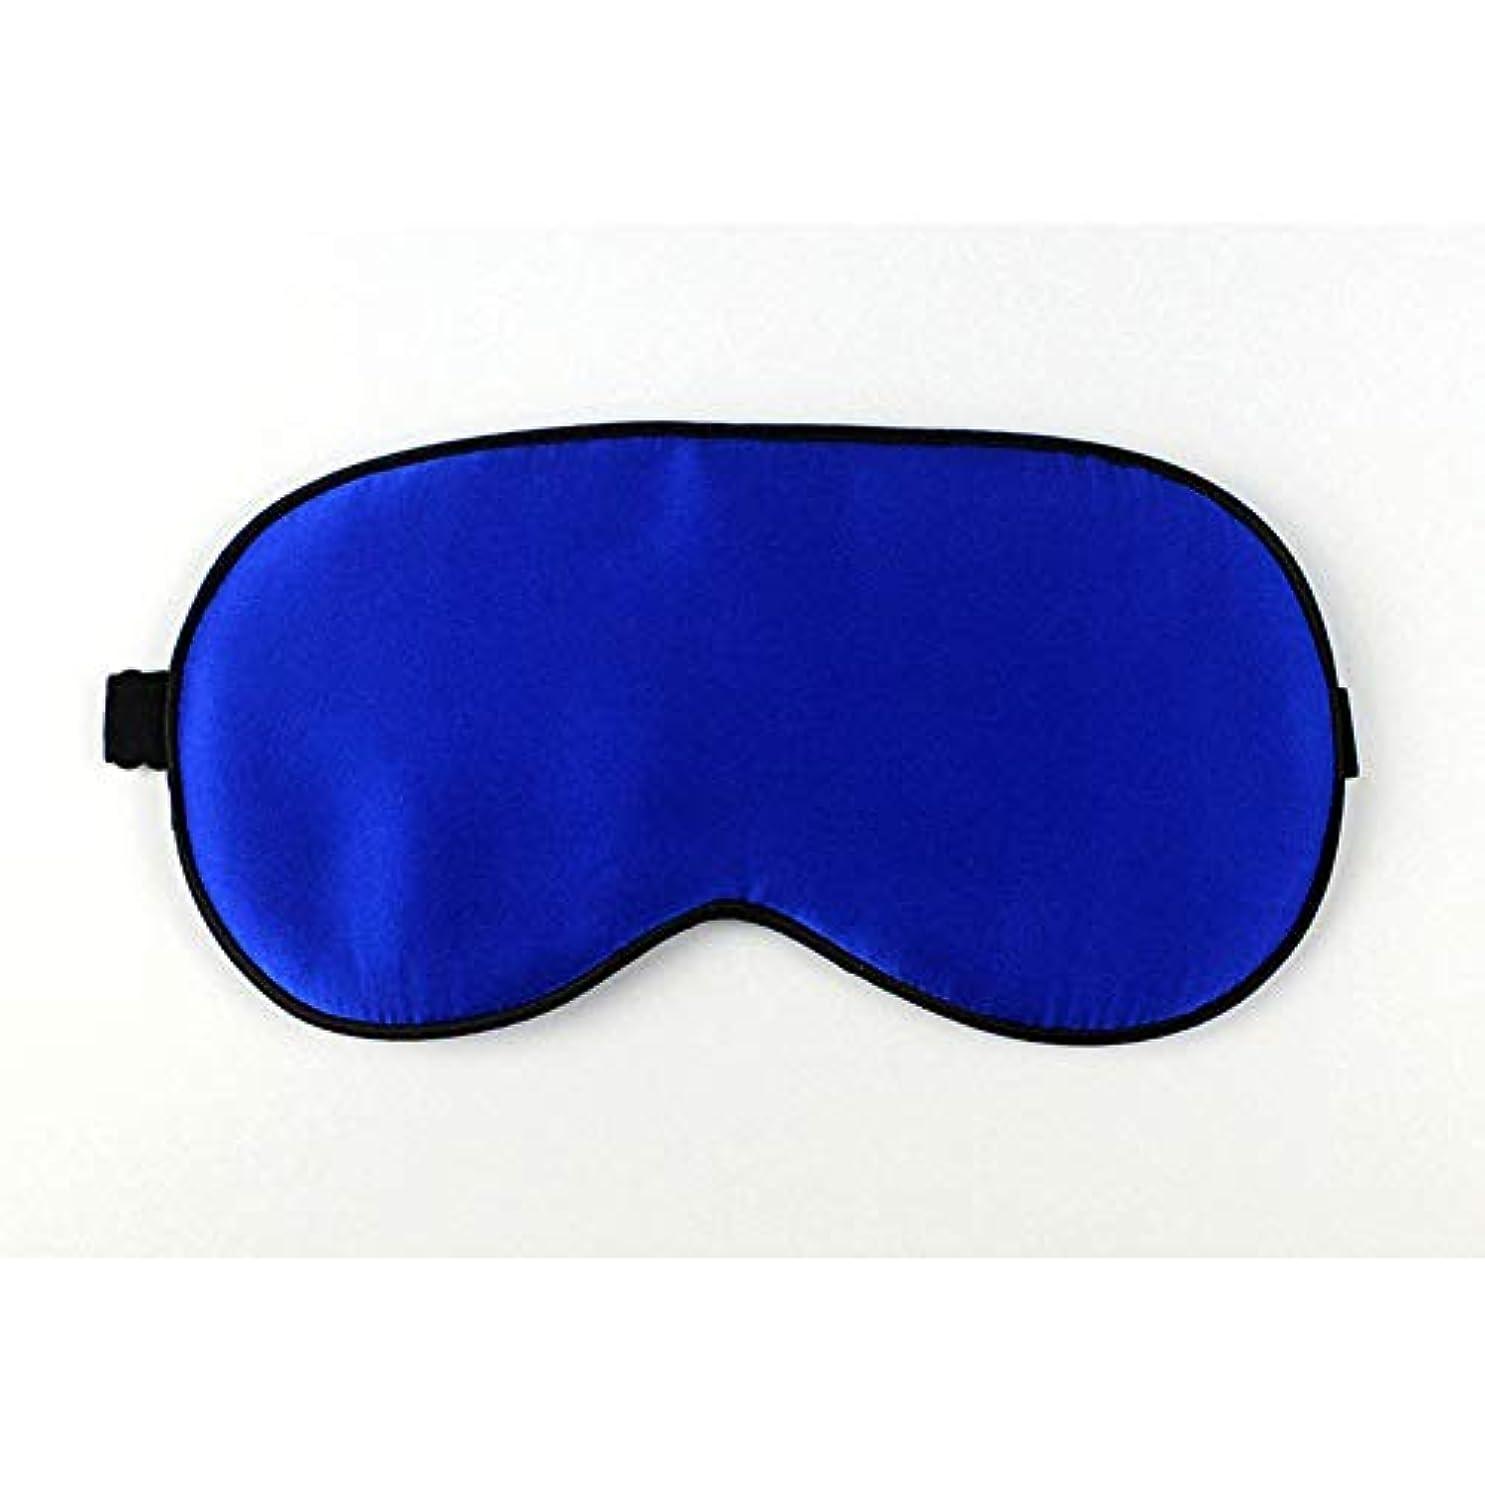 有害なモッキンバード天文学XuBa アイマスク ソフト シルク 弾力 睡眠 遮光  完璧な睡眠環境 アイシェード スリープシールド オフィス  ダークブルー